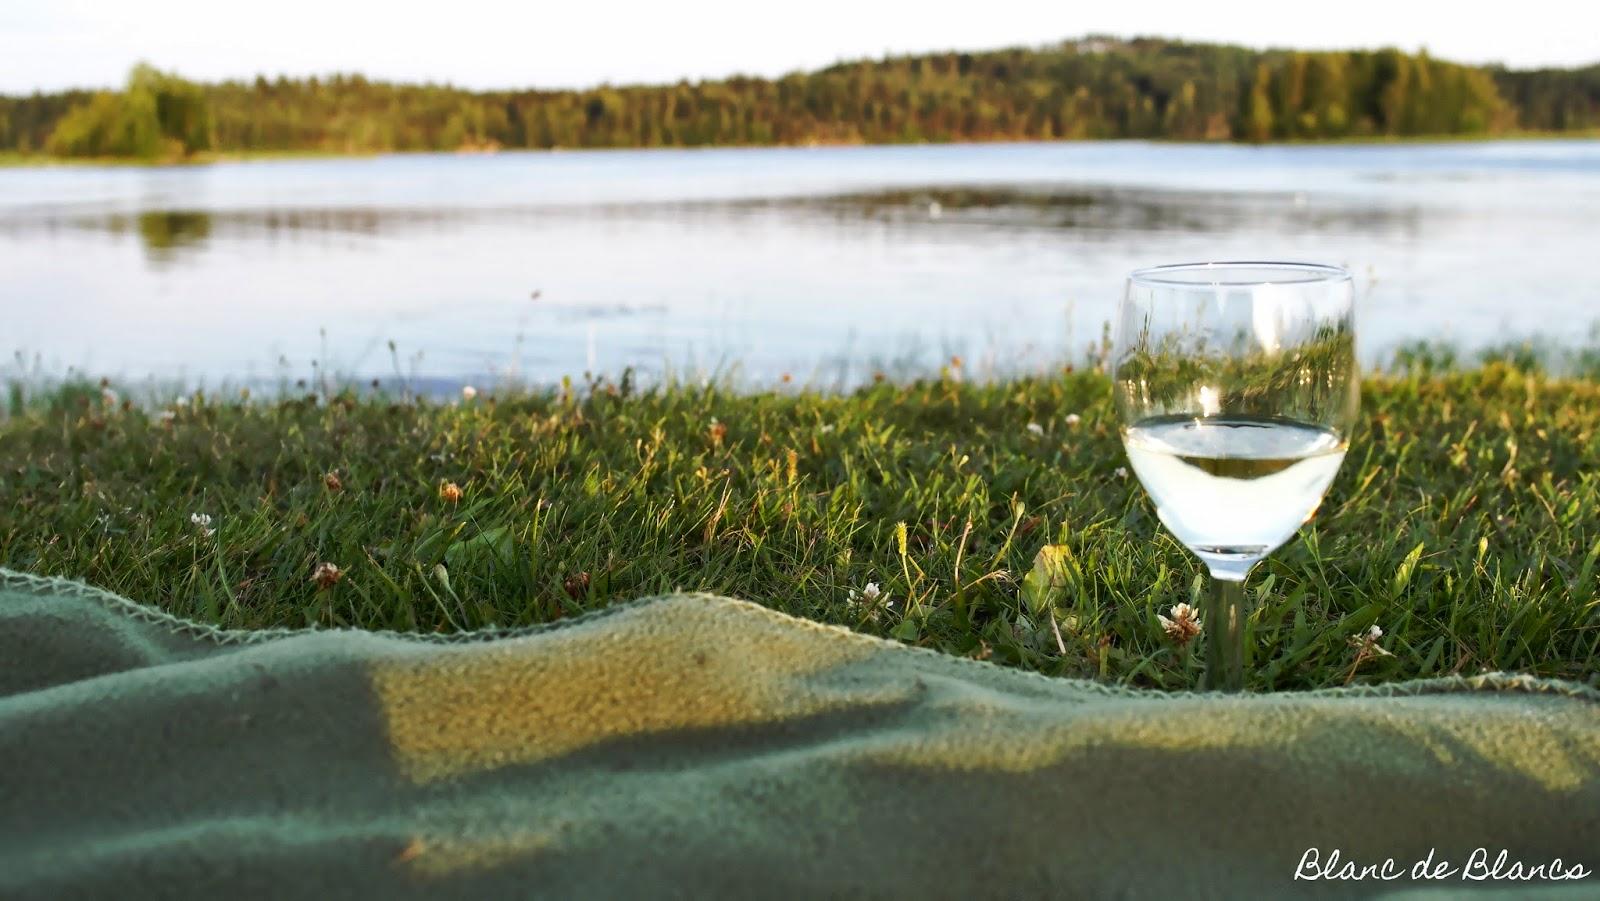 Valkoviini, ilta-aurinko ja Pielinen - www.blancdeblancs.fi